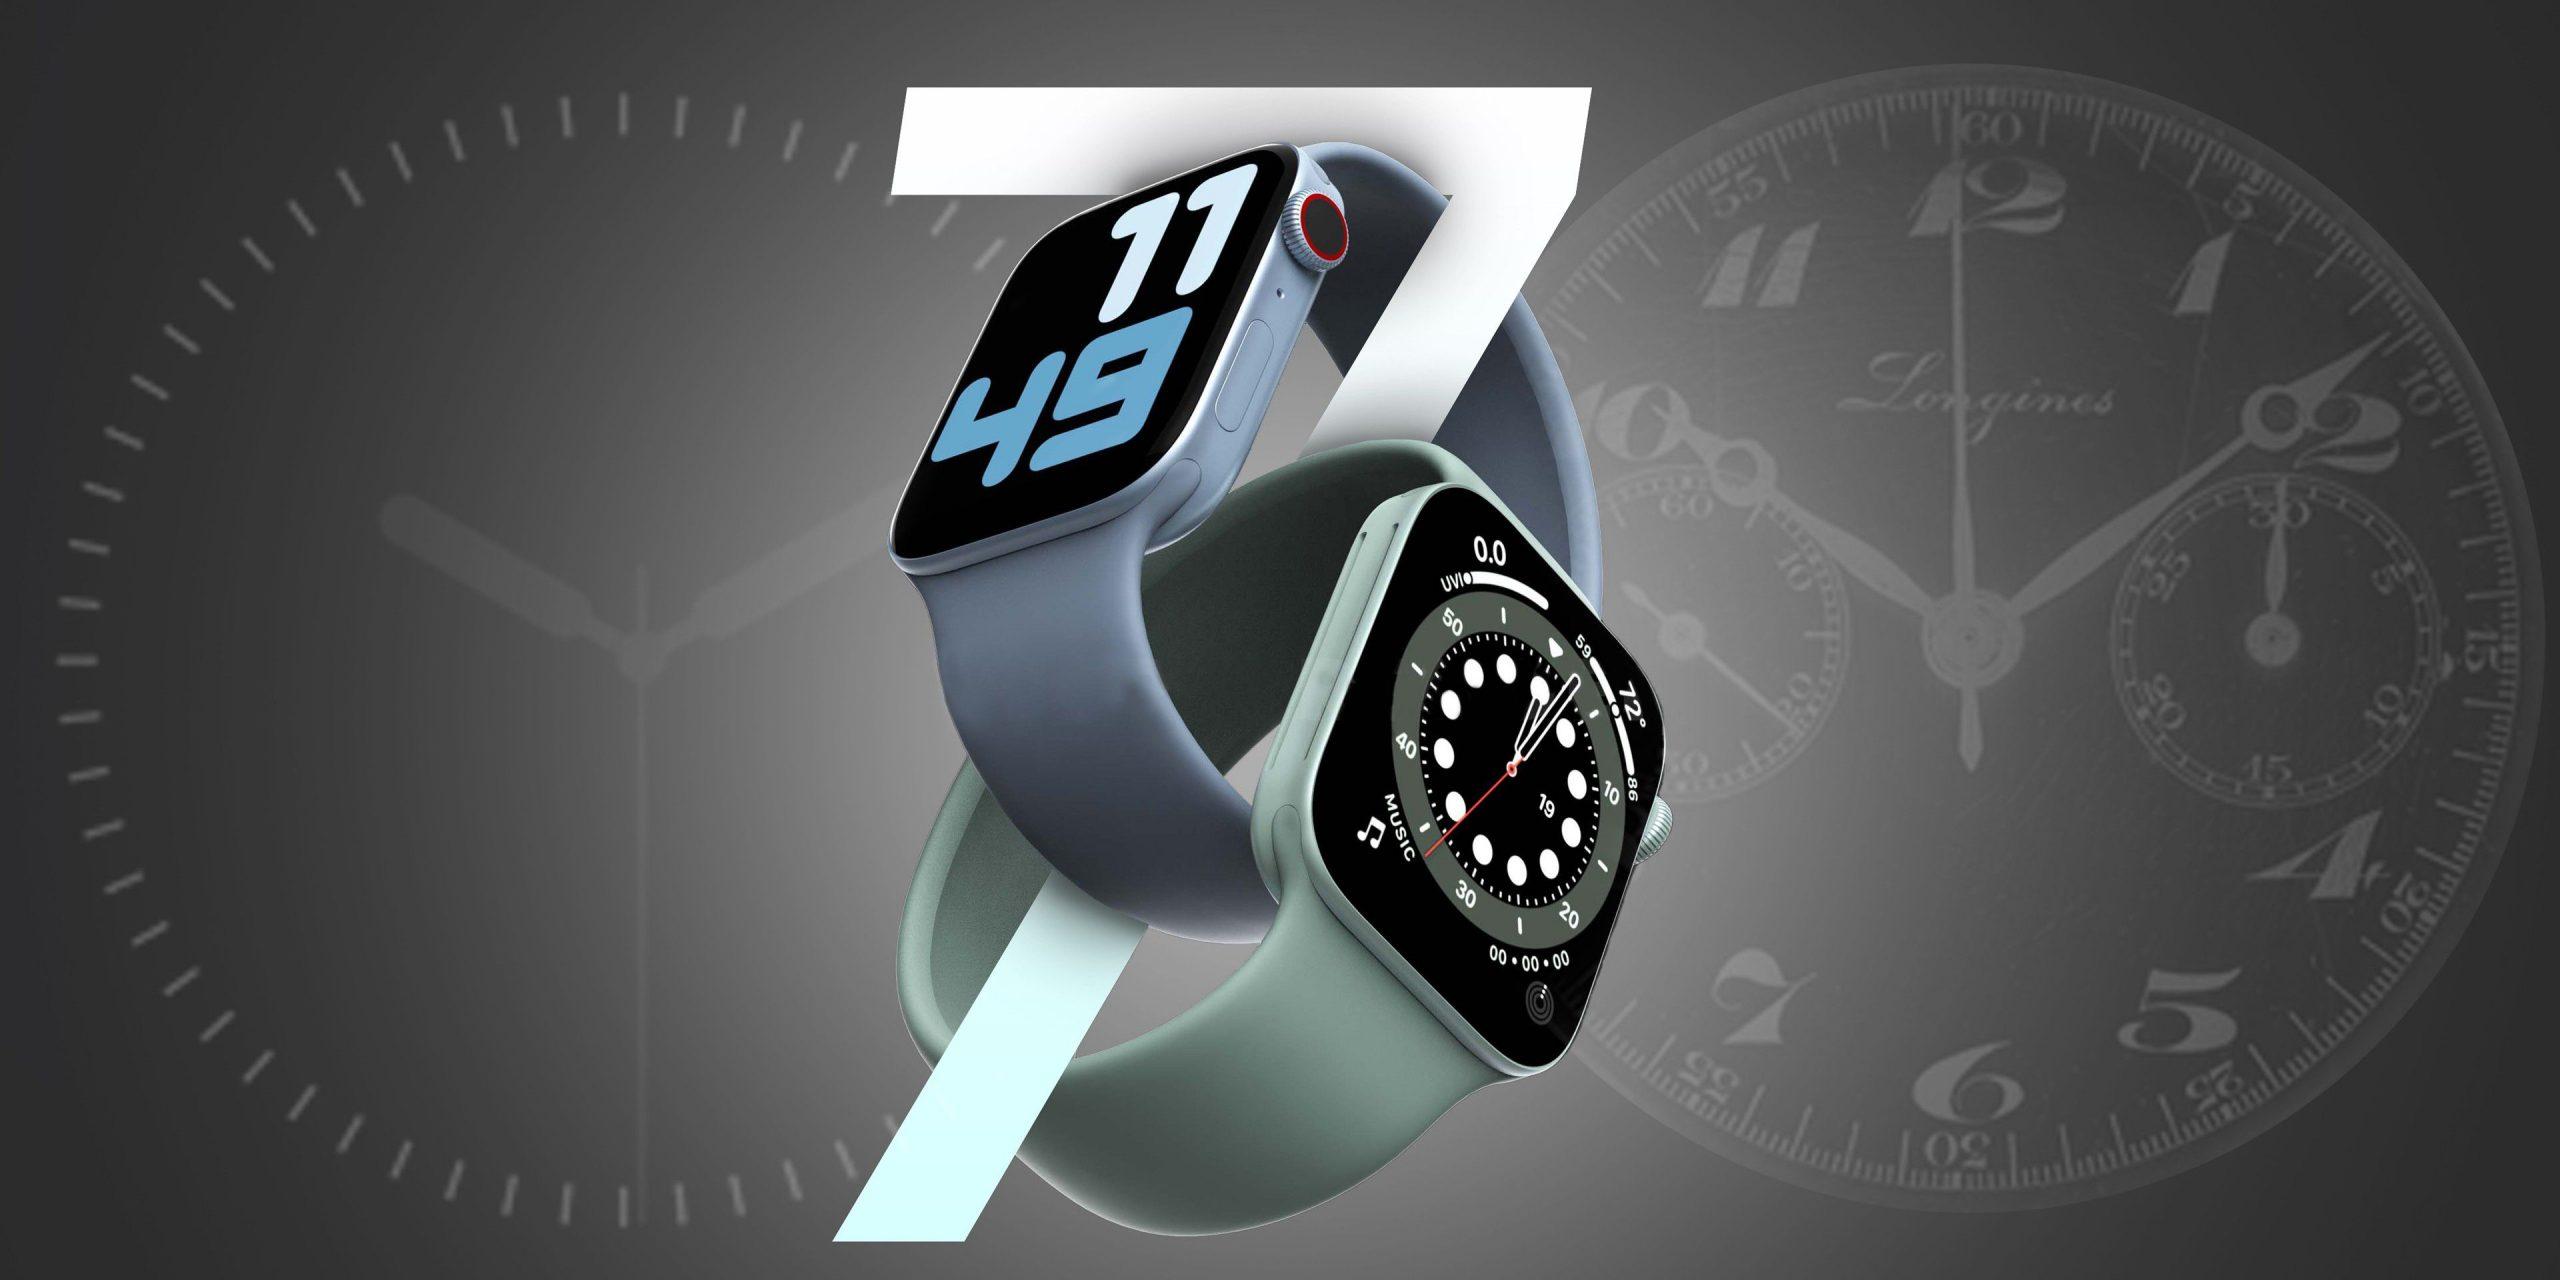 همه چیز درباره اپل واچ 7: نسل آینده ساعت هوشمند اپل چه امکاناتی خواهد داشت؟ 1